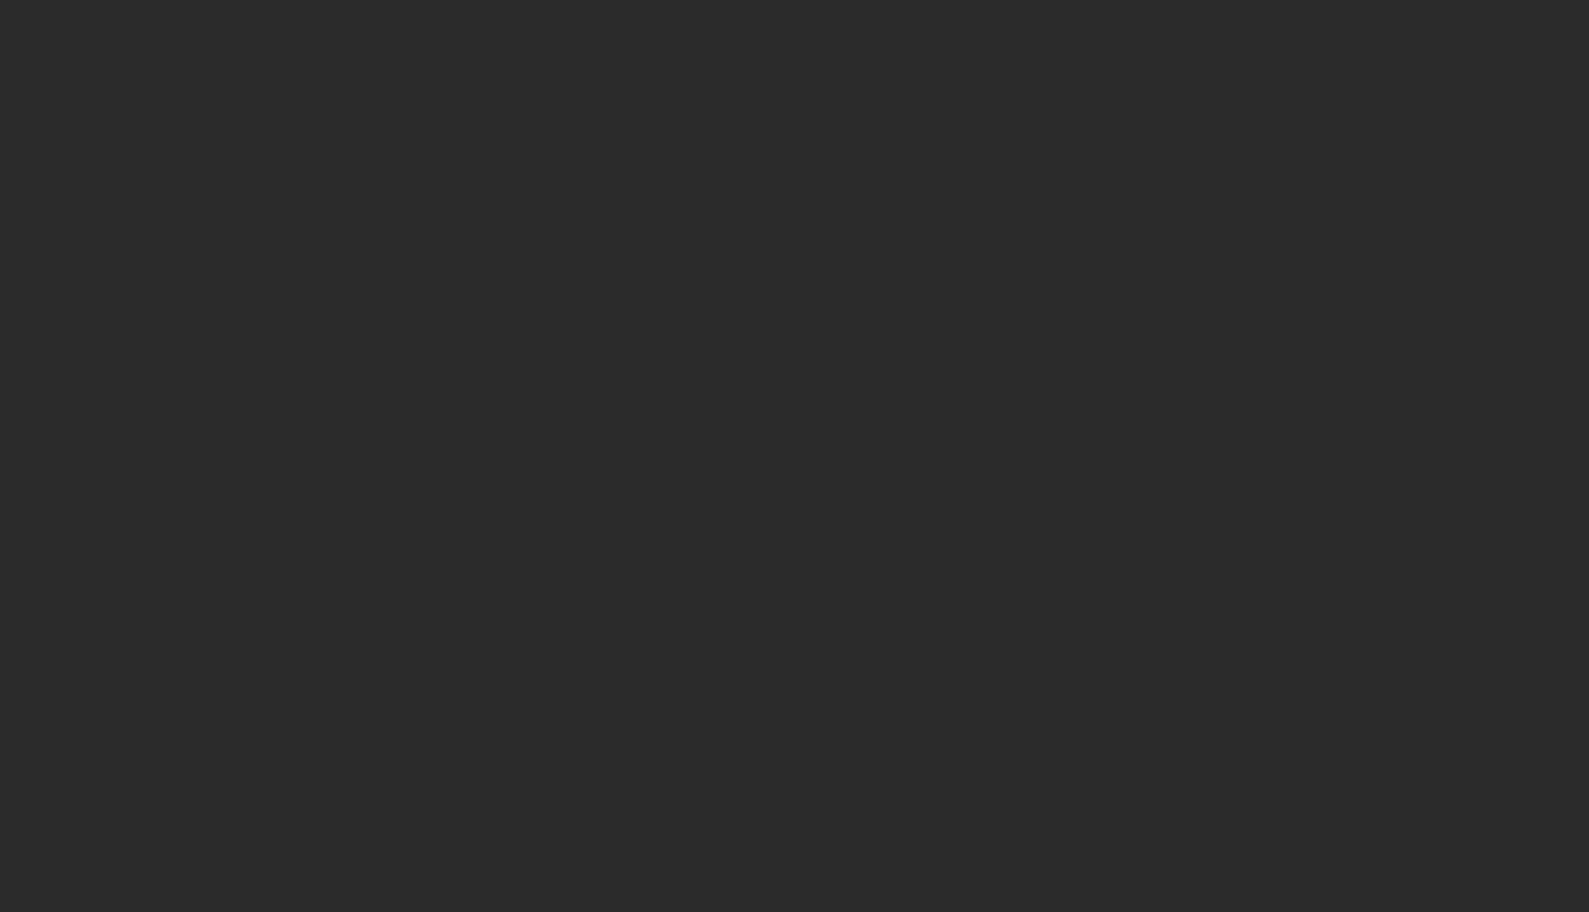 rectangle black Clipart illustration in PNG, SVG